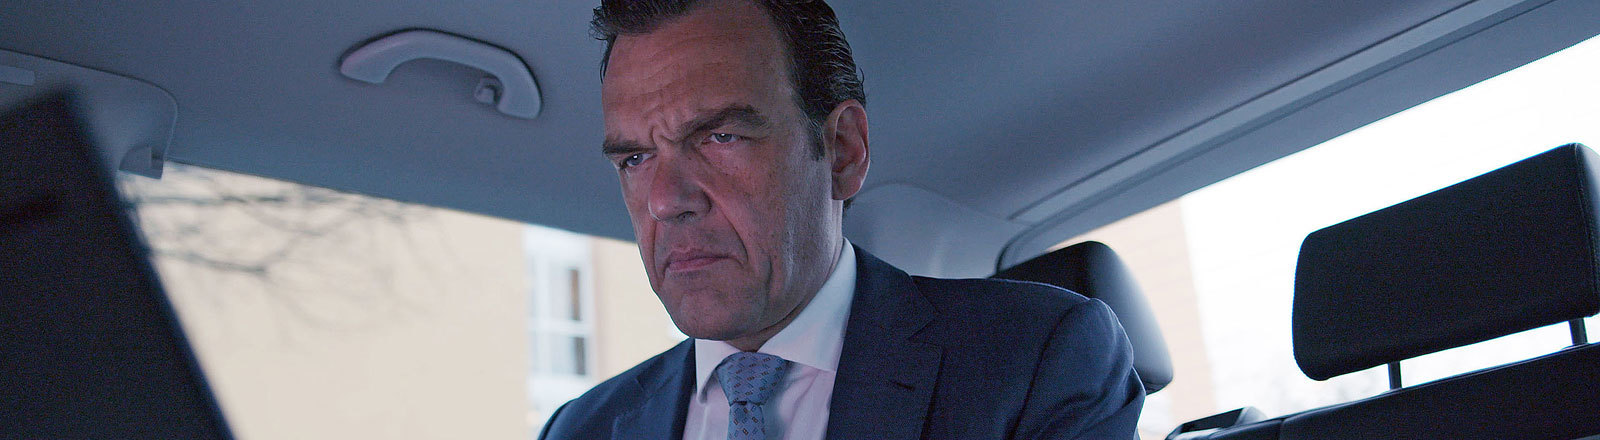 """Christoph Gröner, Bauunternehmer, in der ARD-Doku """"Ungleichland"""""""